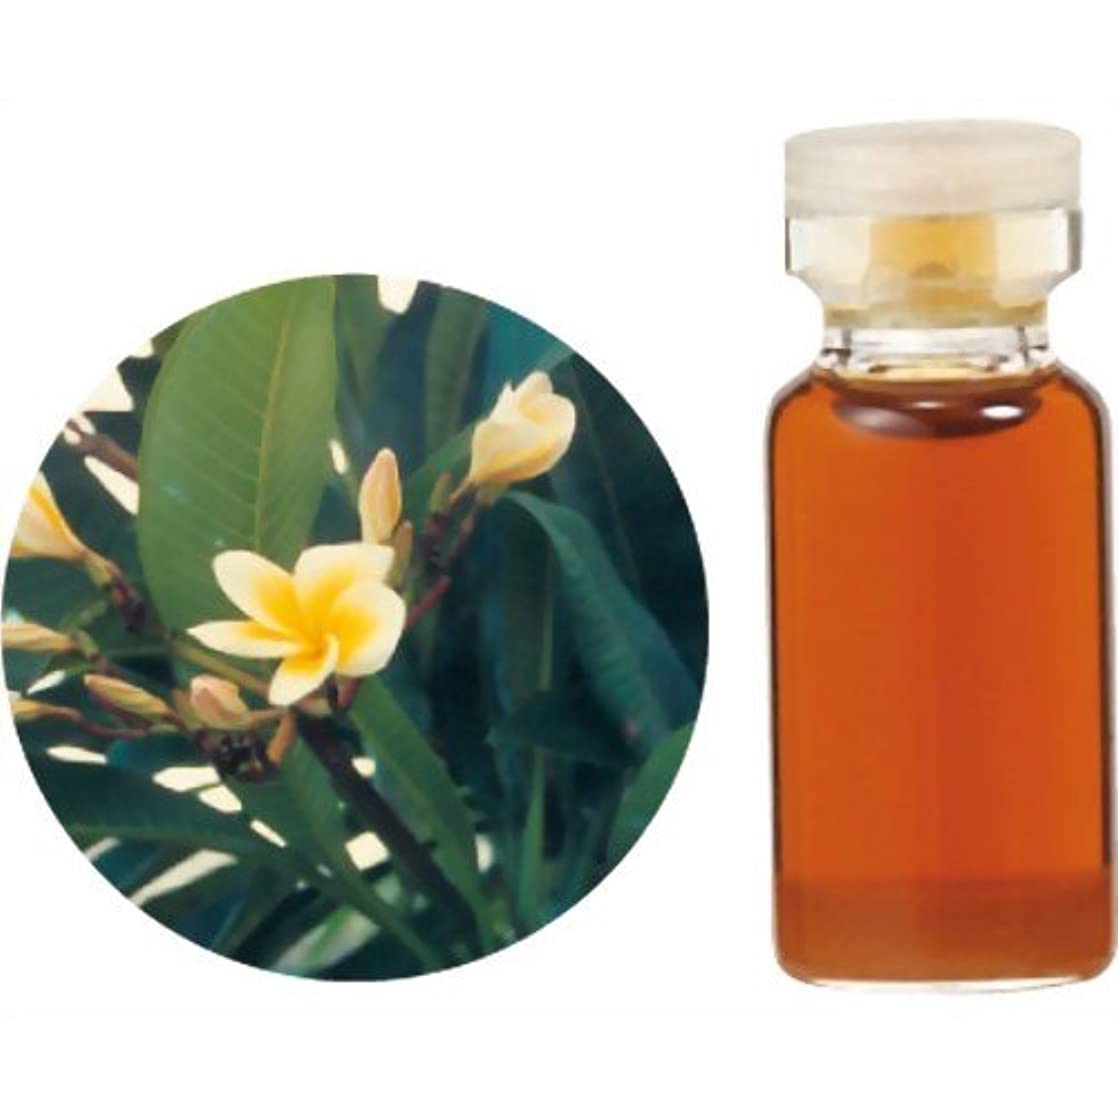 補助変換するオフ生活の木 C 花精油 フランジュパニ アブソリュート (25%希釈) エッセンシャルオイル 3ml